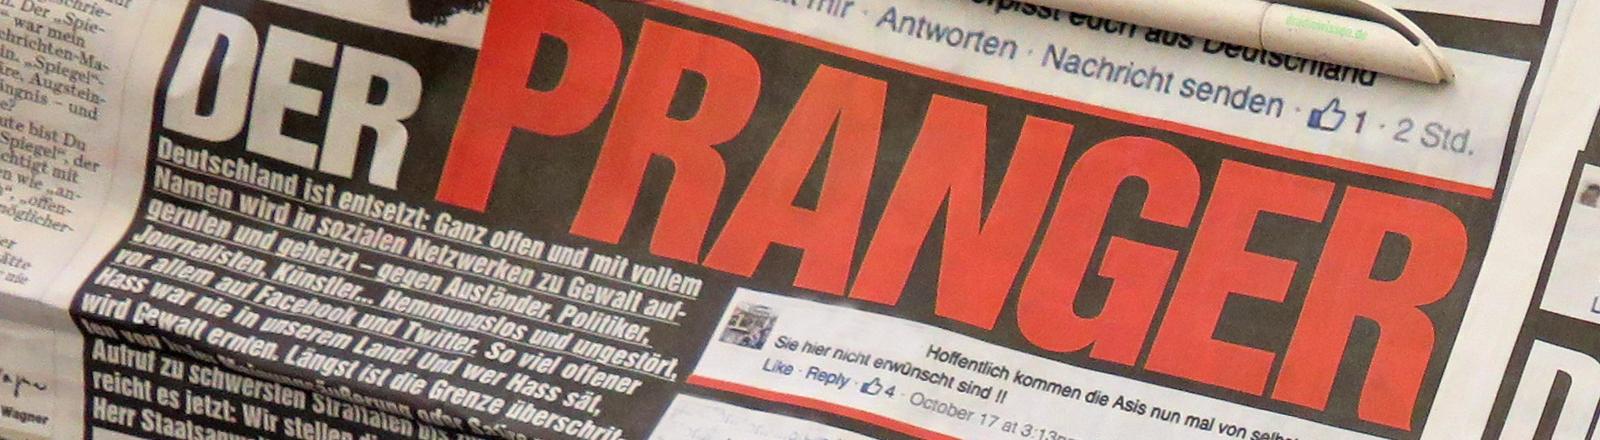 Die Bild-Zeitung veröffentlicht Hasskommentare in ihrer Printausgabe.